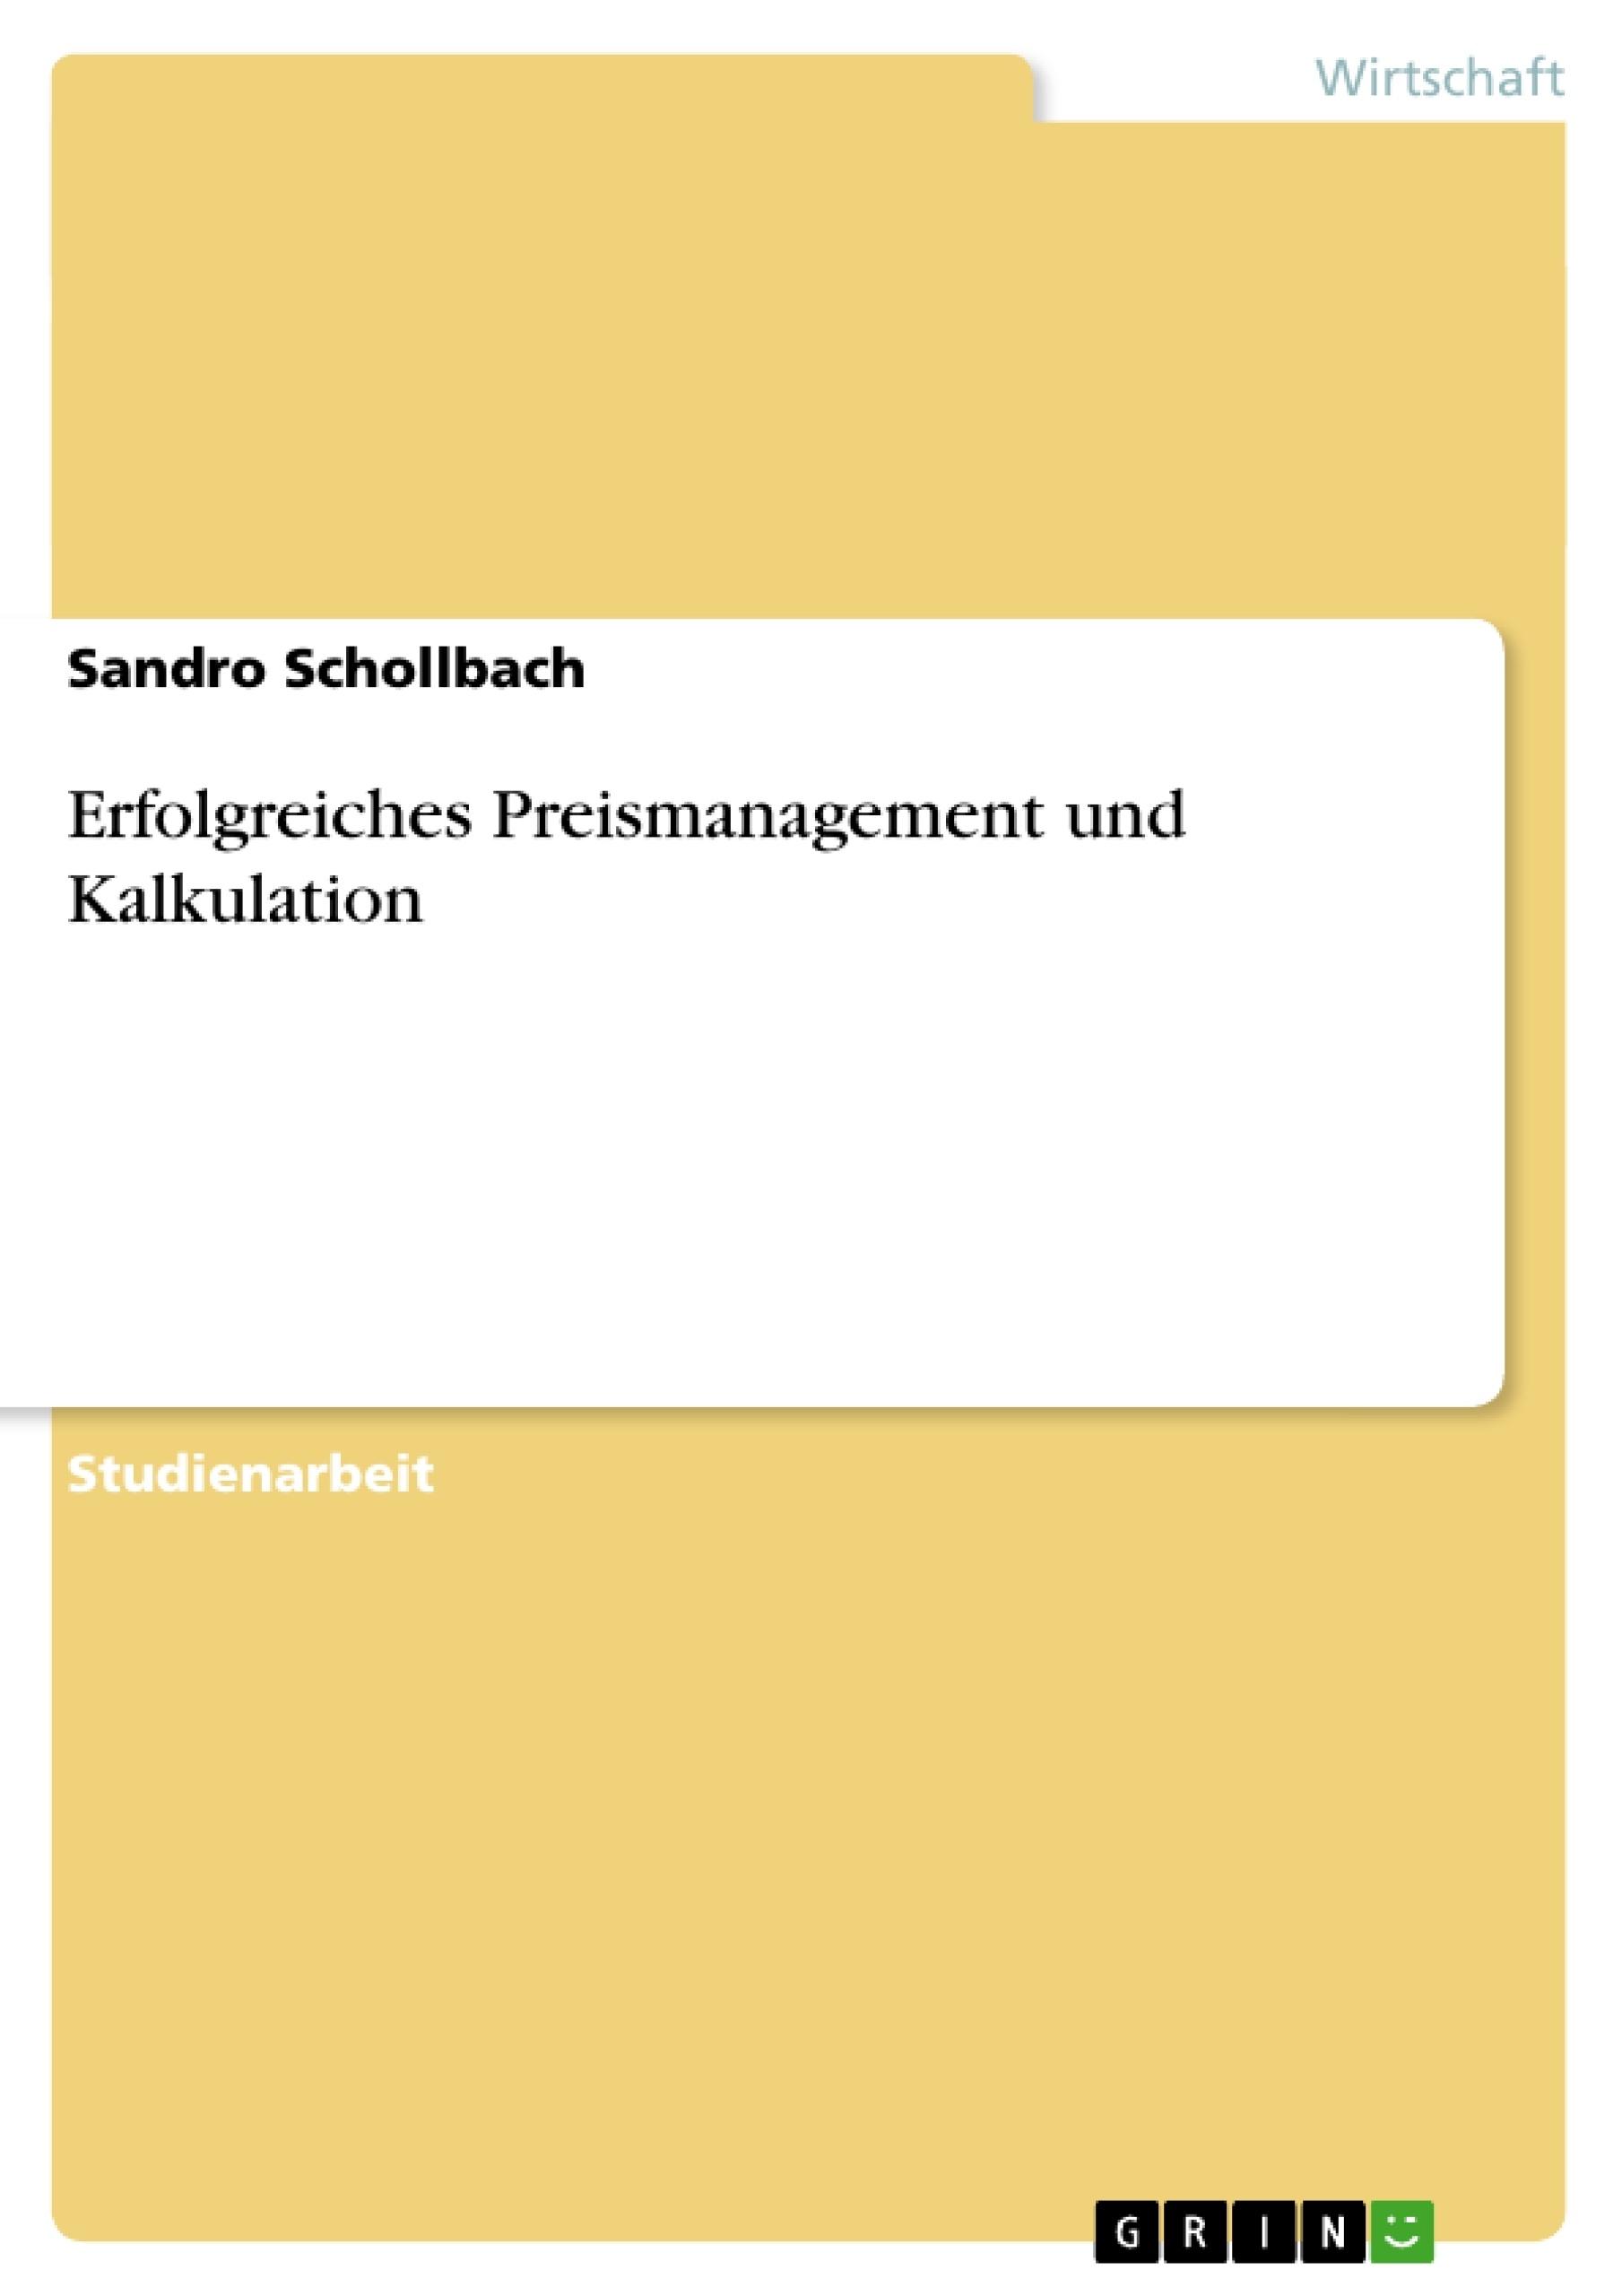 Titel: Erfolgreiches Preismanagement und Kalkulation